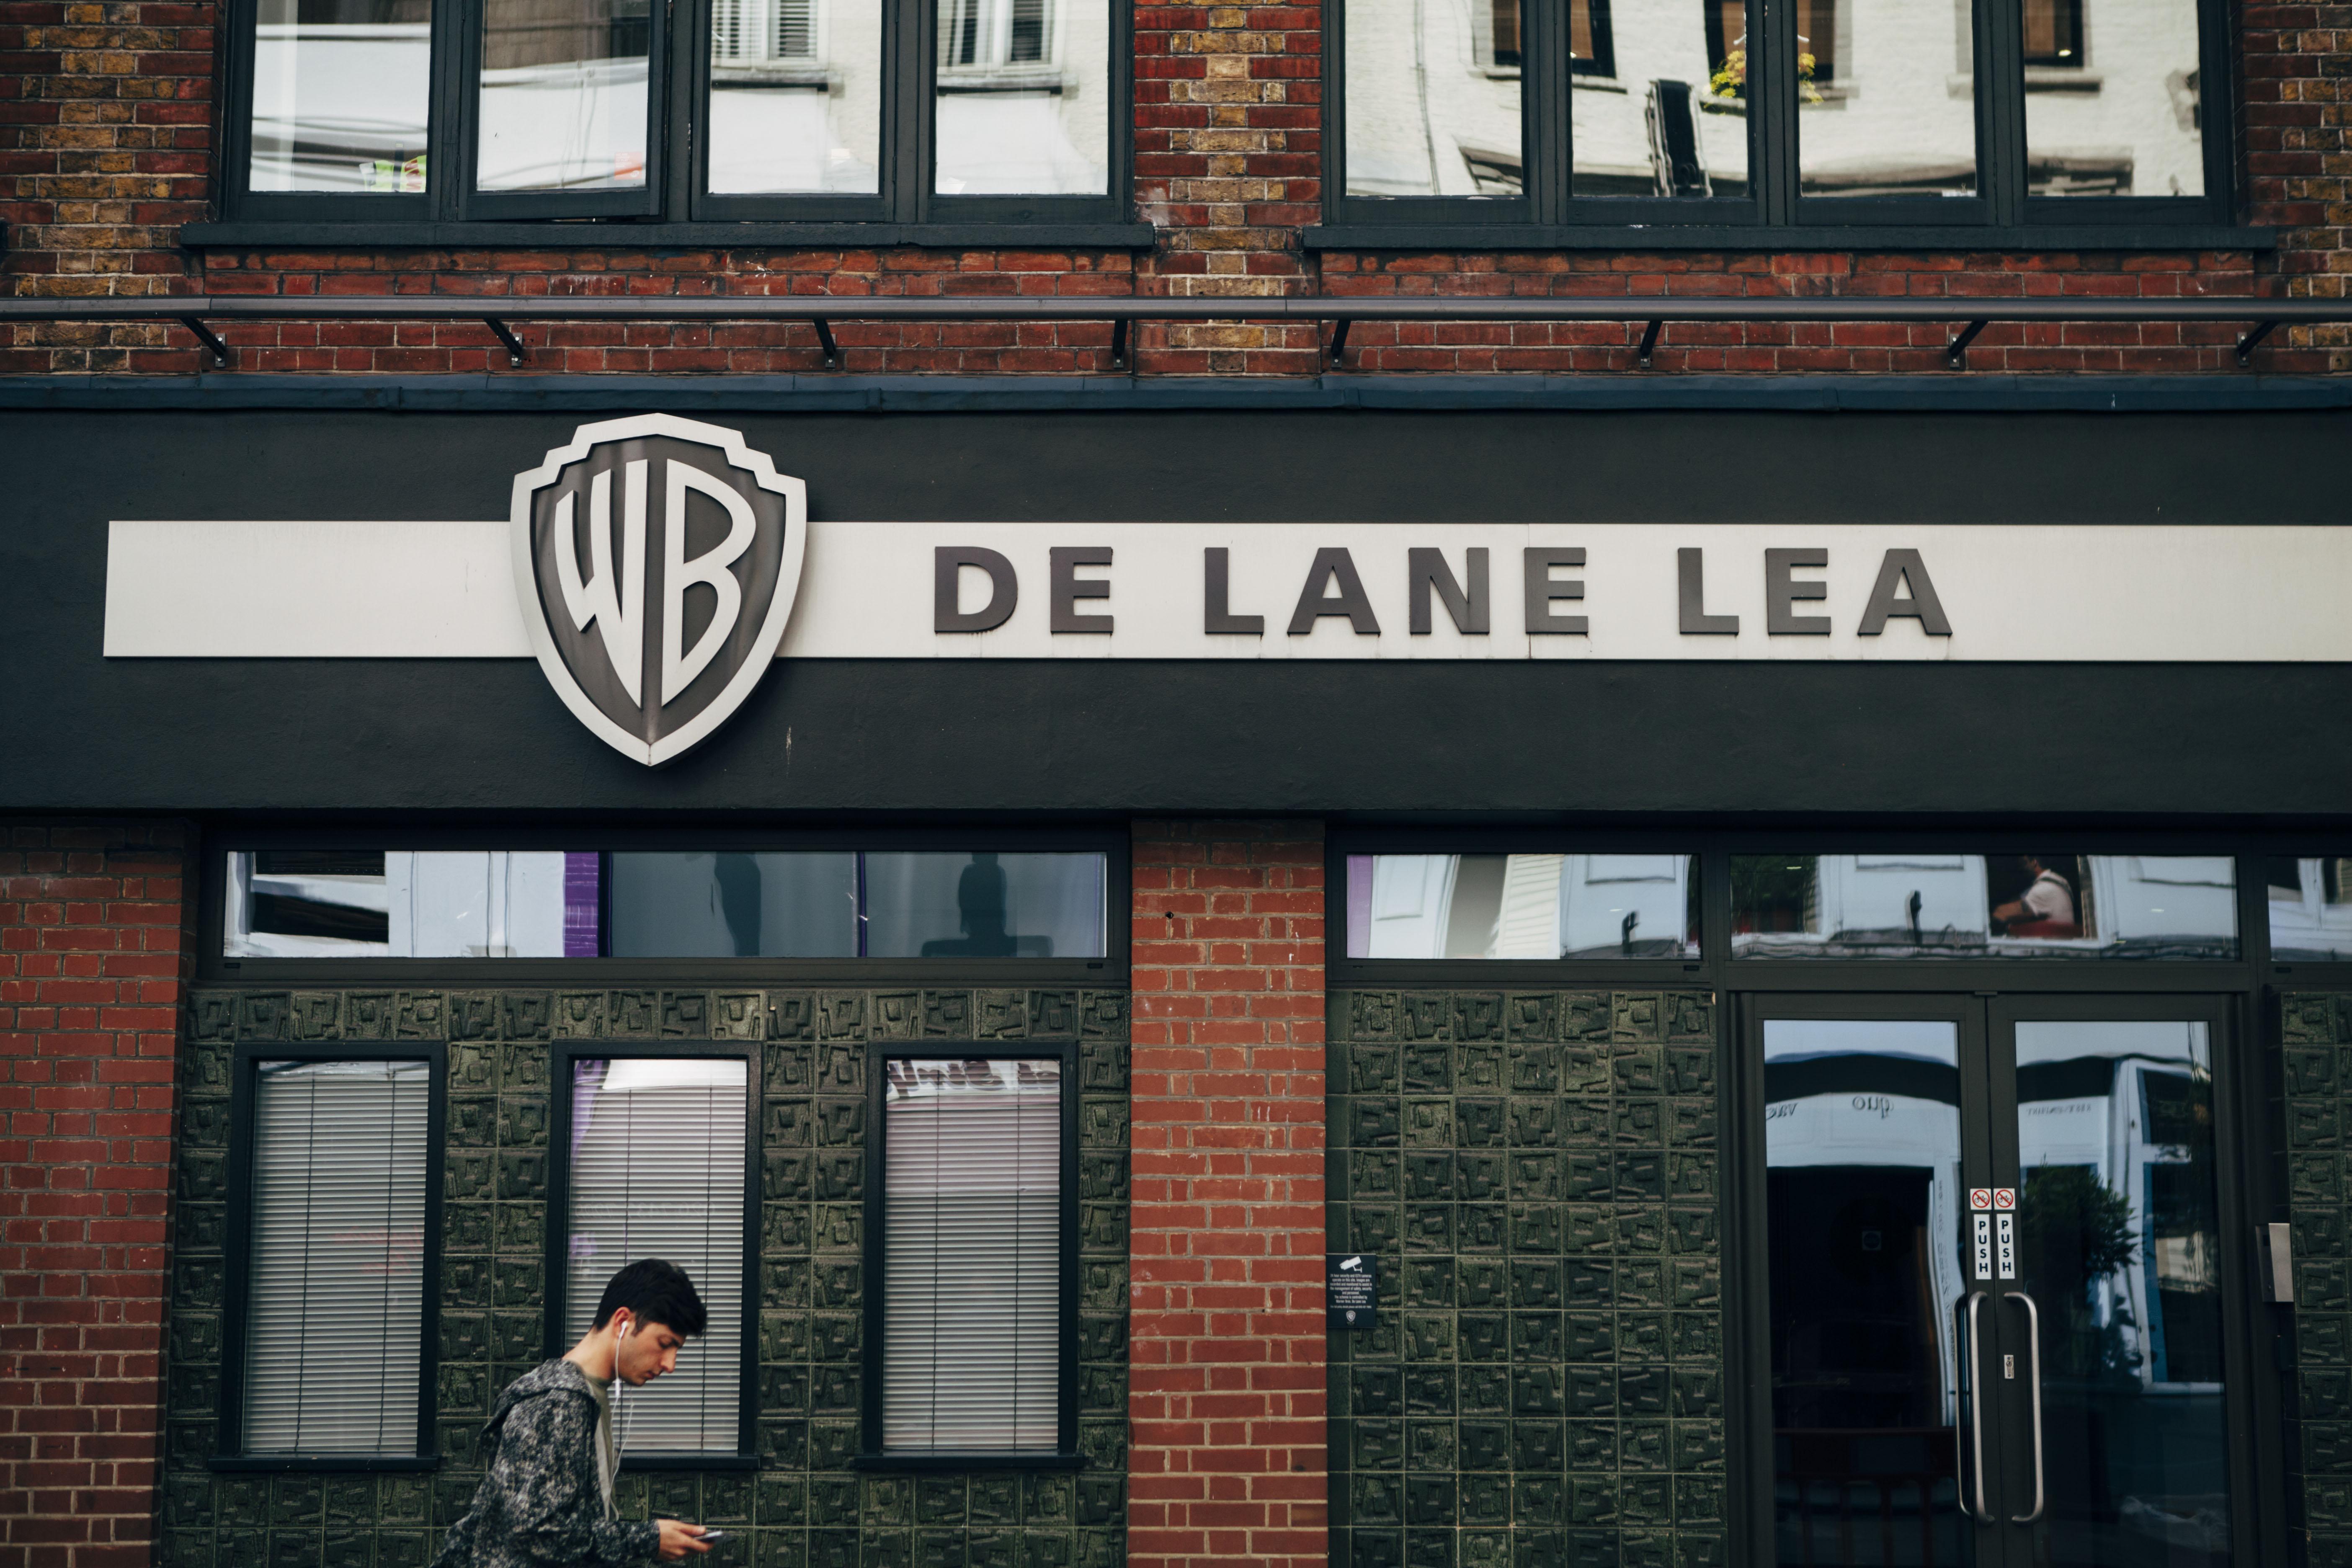 De Lane Lea in Soho